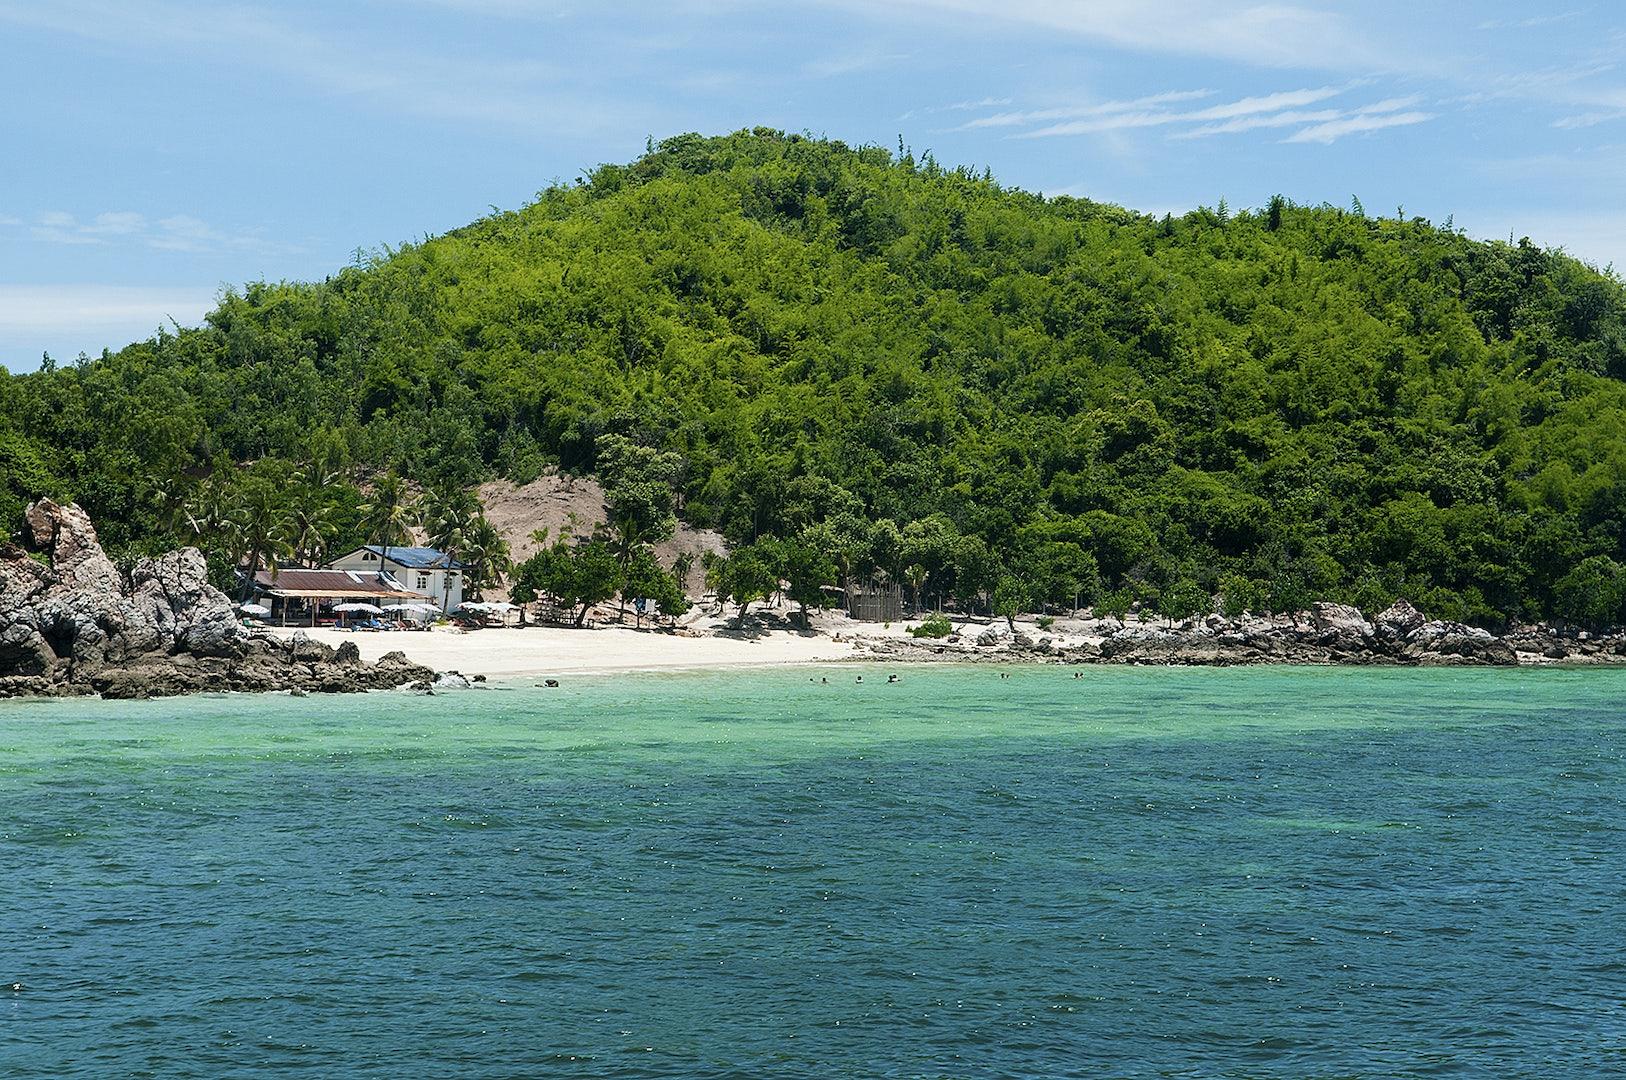 beach at Ko Larn island